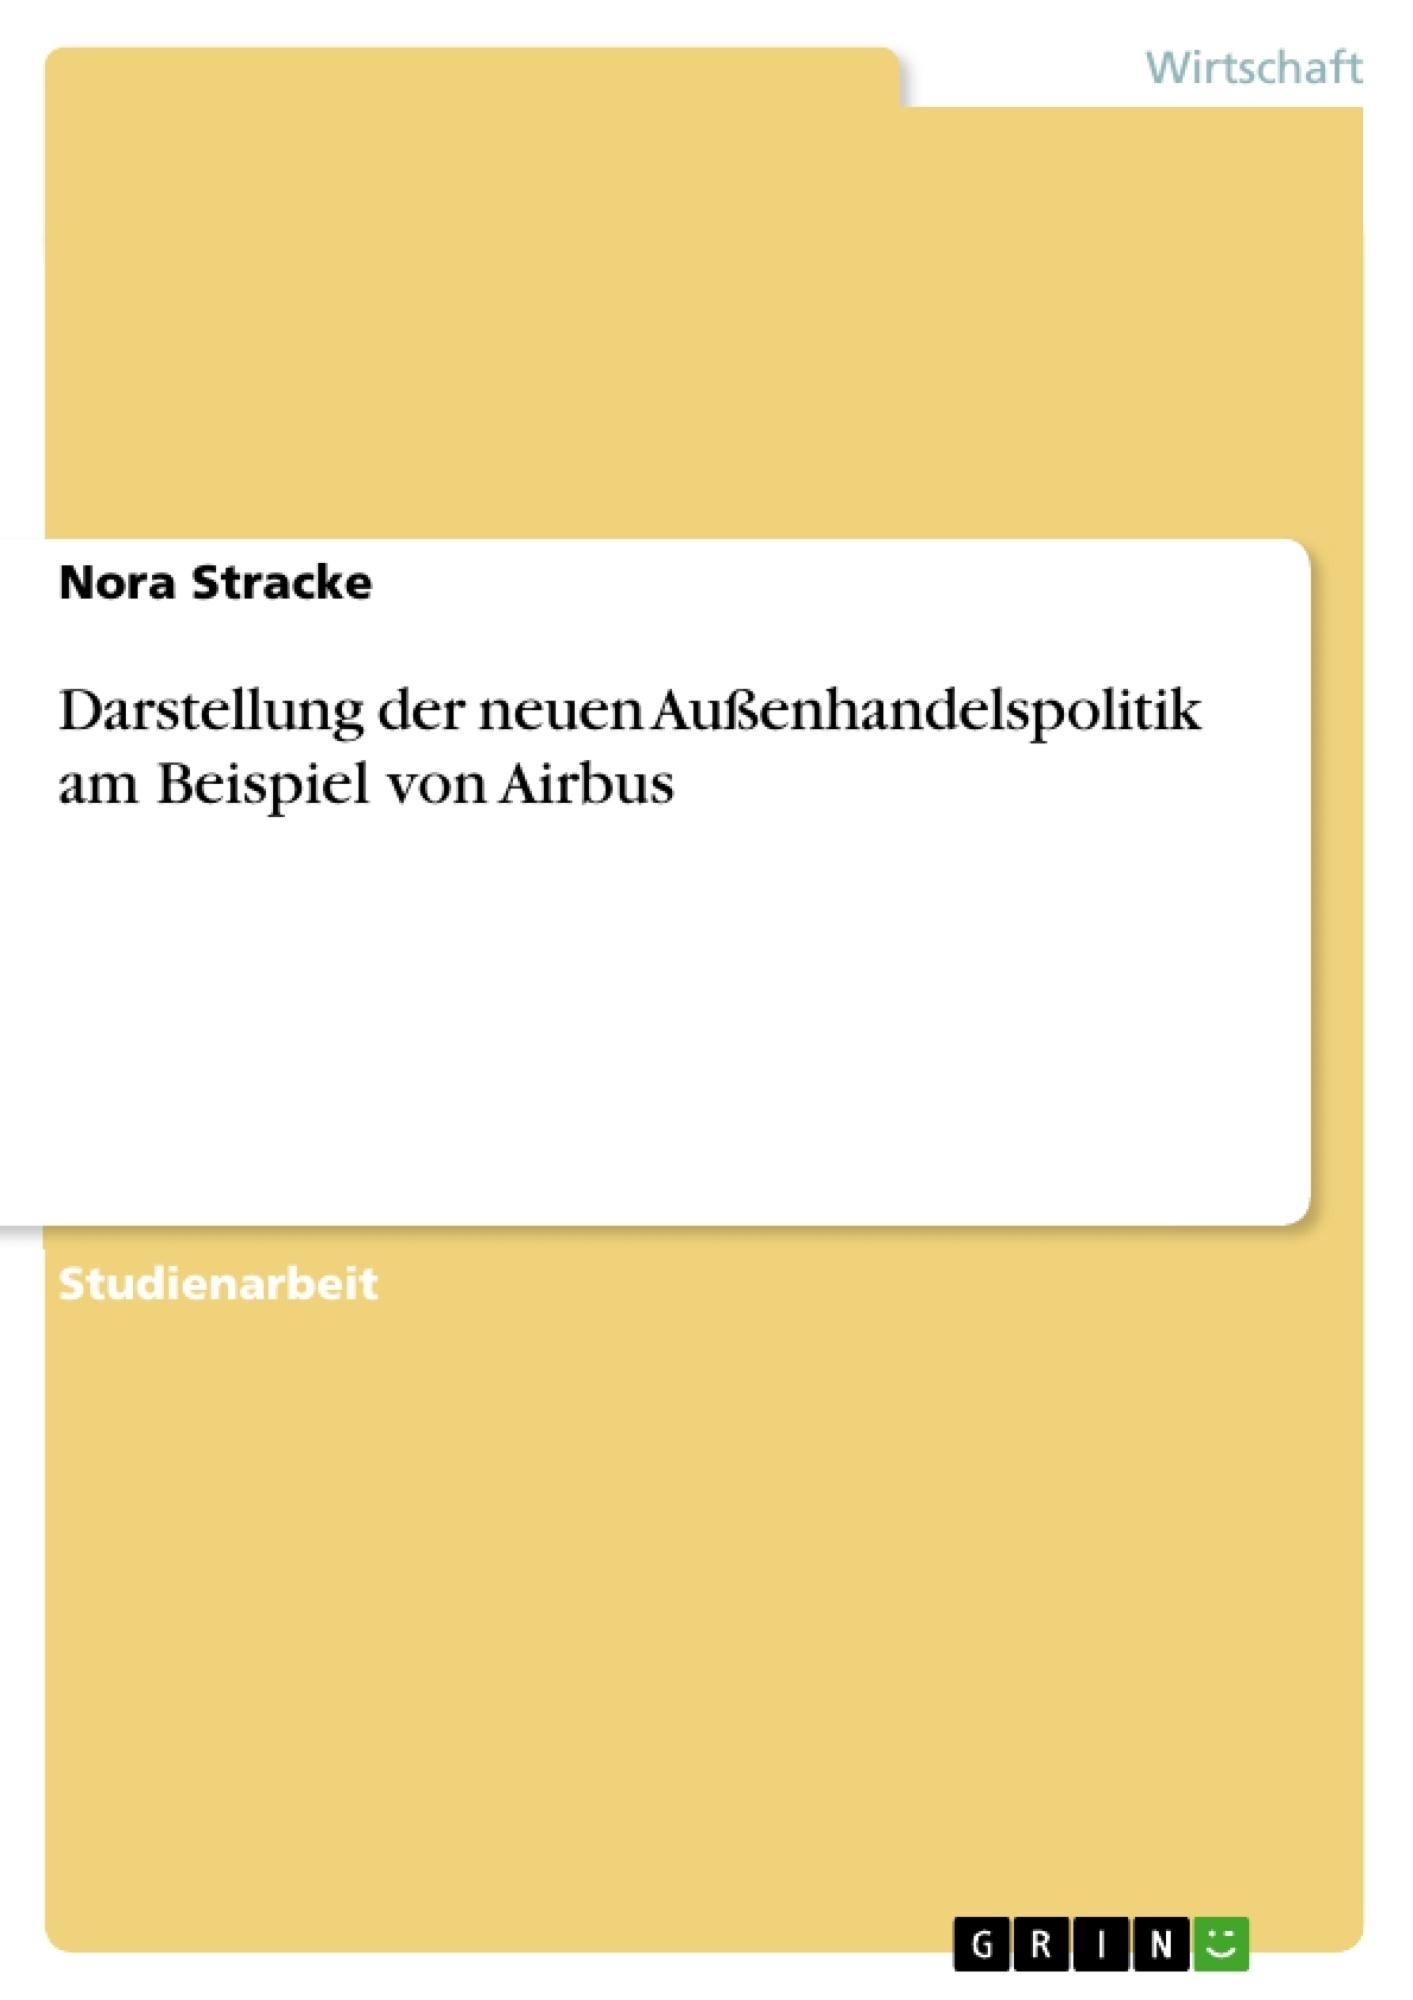 Titel: Darstellung der neuen Außenhandelspolitik am Beispiel von Airbus